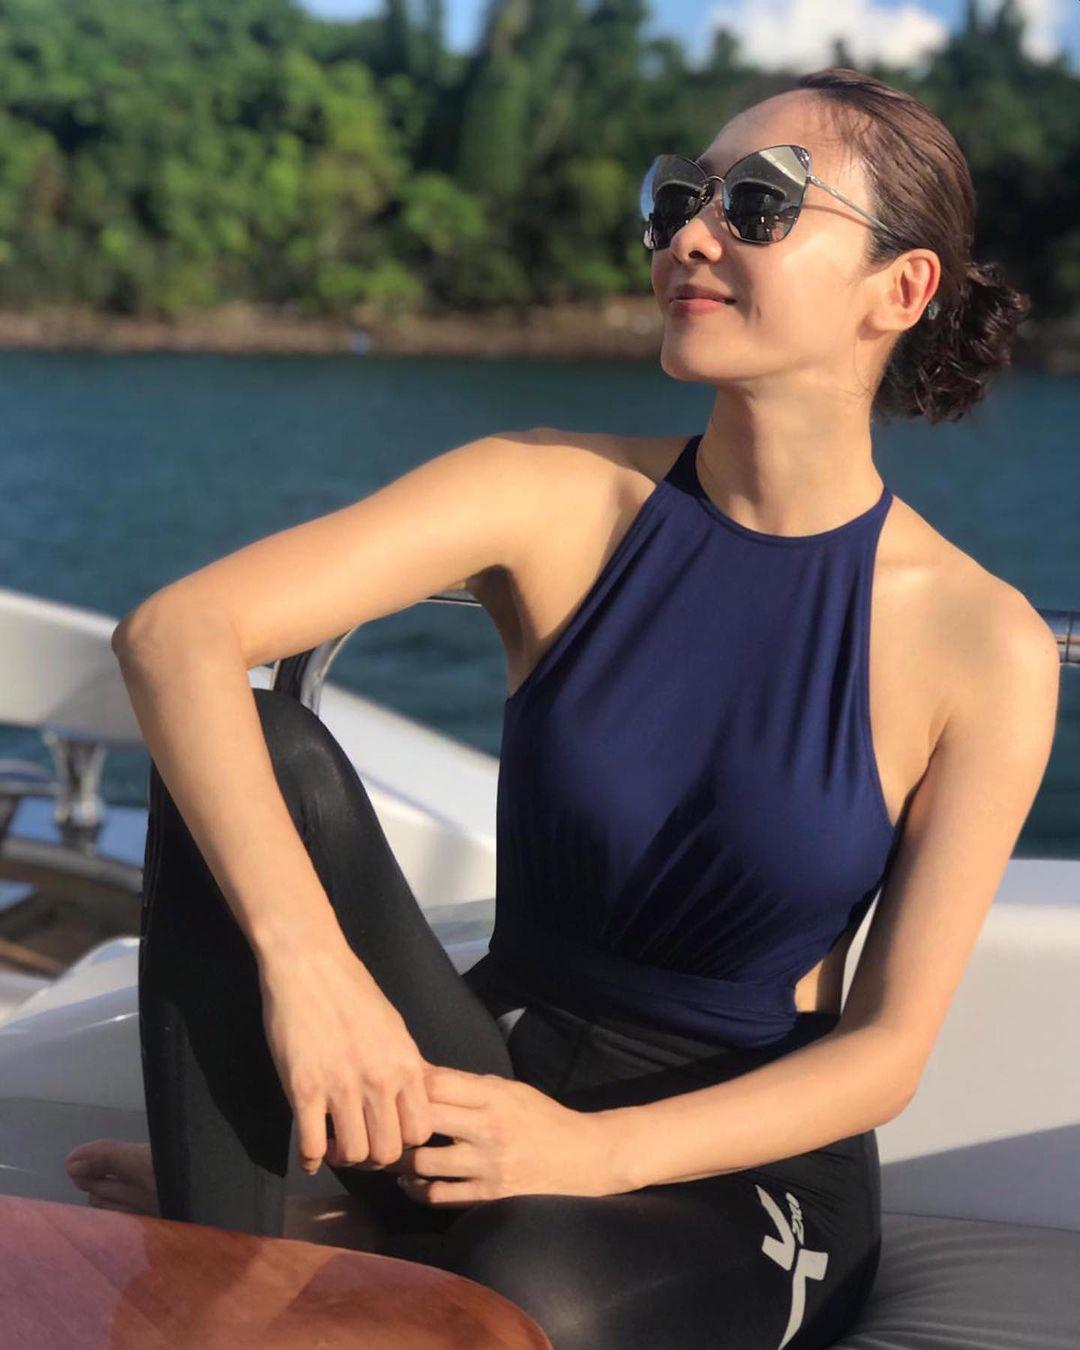 49歲香港女星黎姿外型依舊亮麗。(翻攝自黎姿 Instagram)